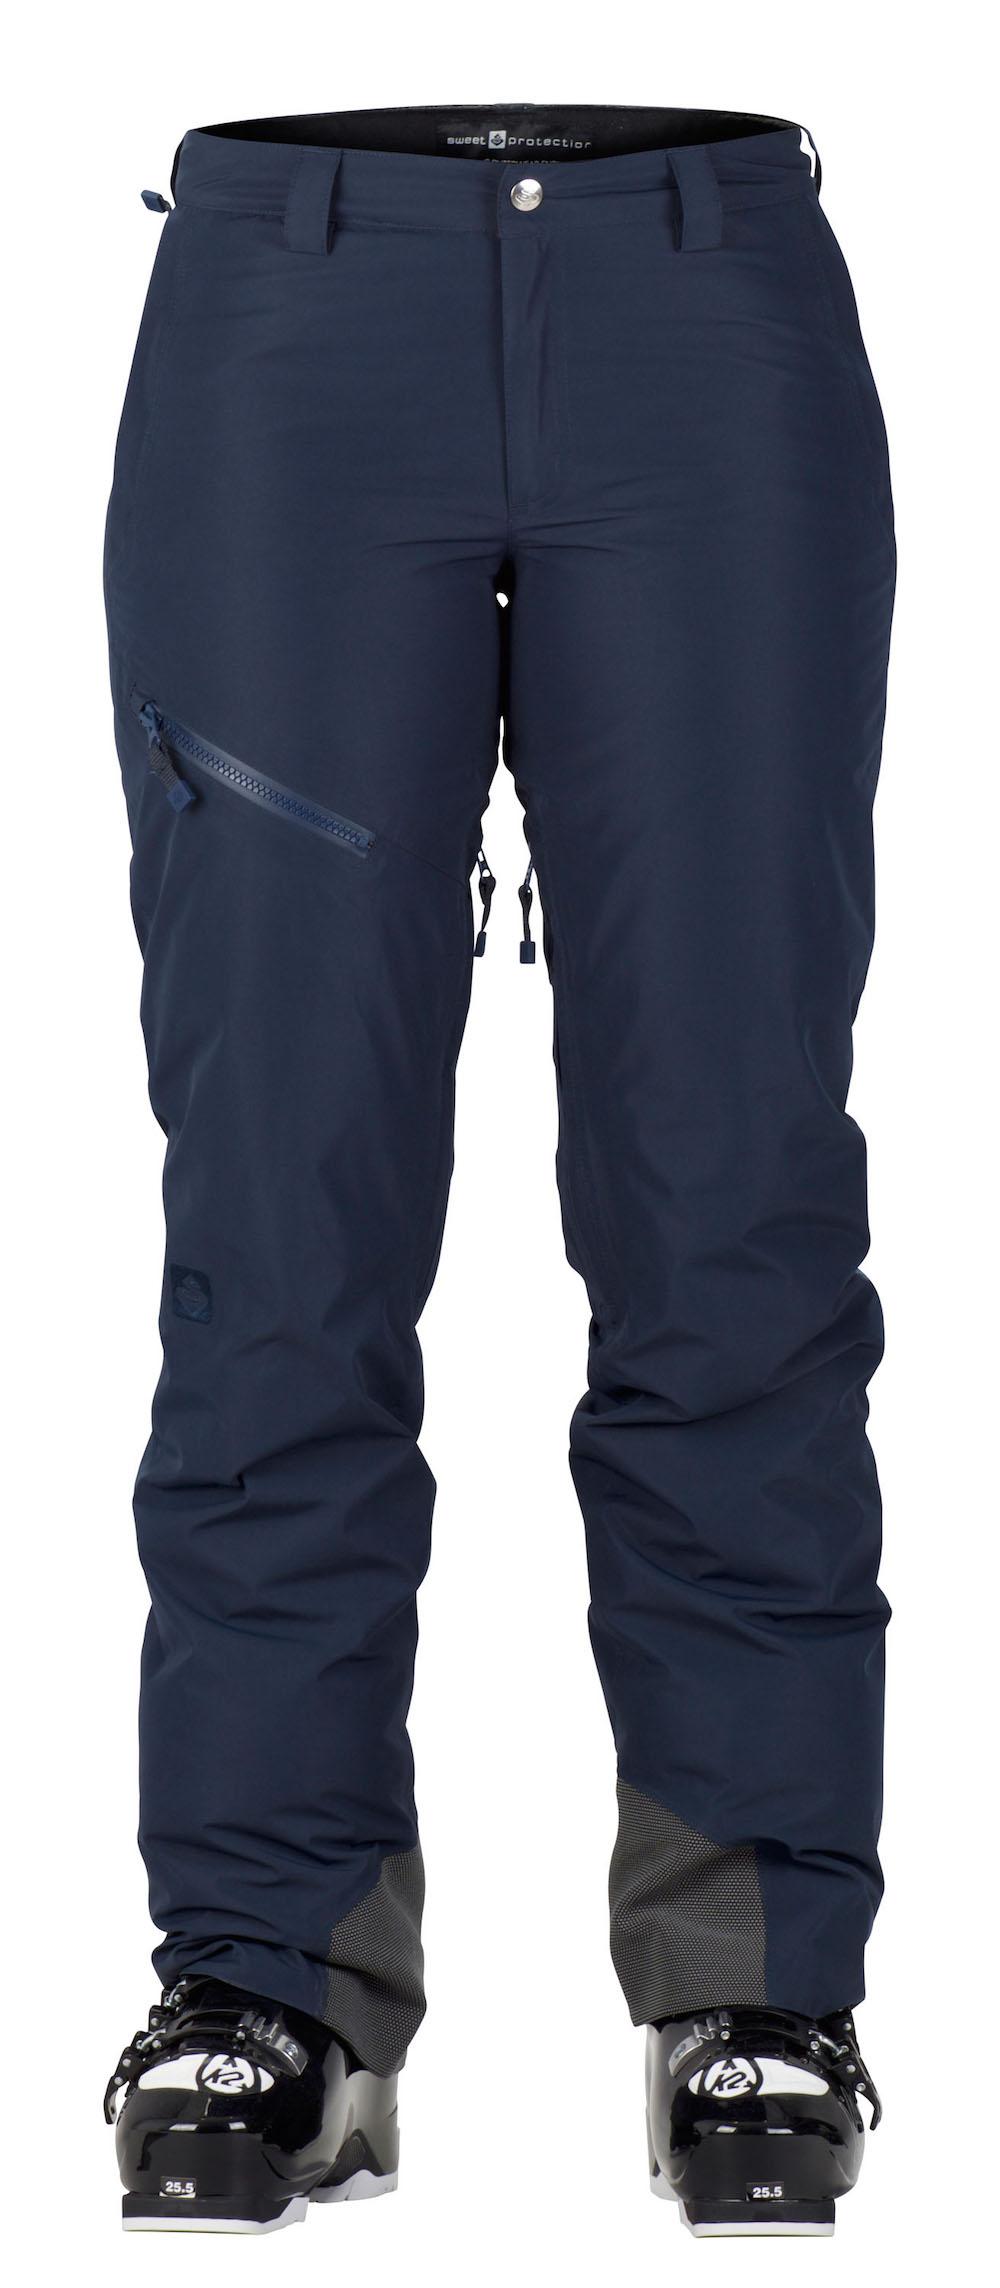 Die Diamond Pants in Midnight Blue.